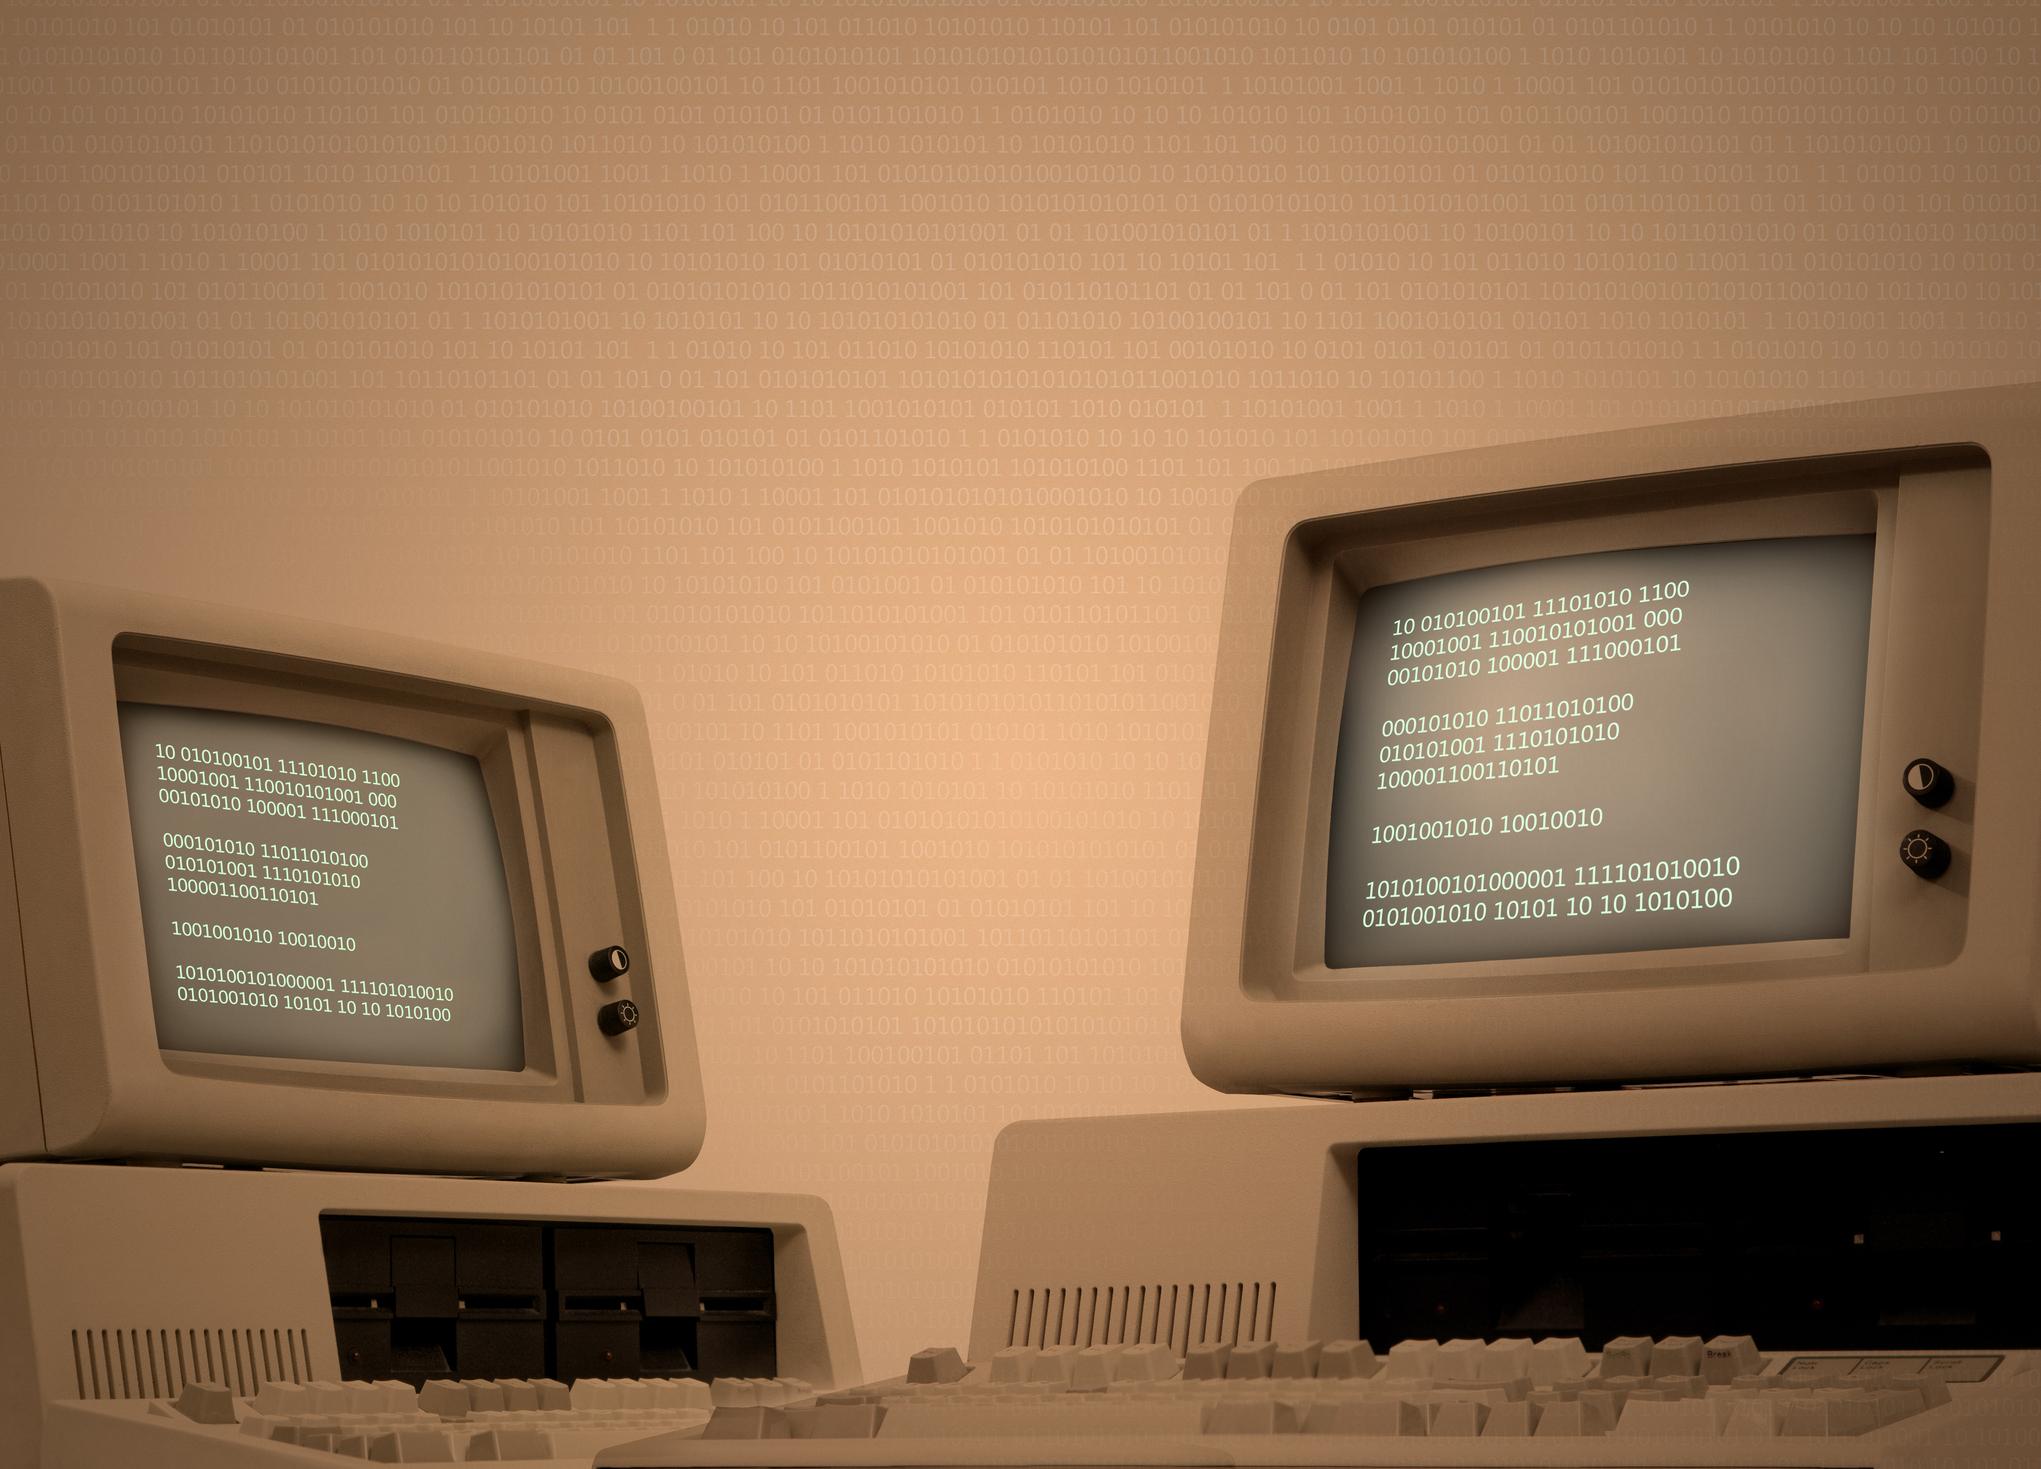 Laut Marburger Bund beklagt die Mehrheit der Klinikärzte die fehlende Digitalisierung am Arbeitsplatz